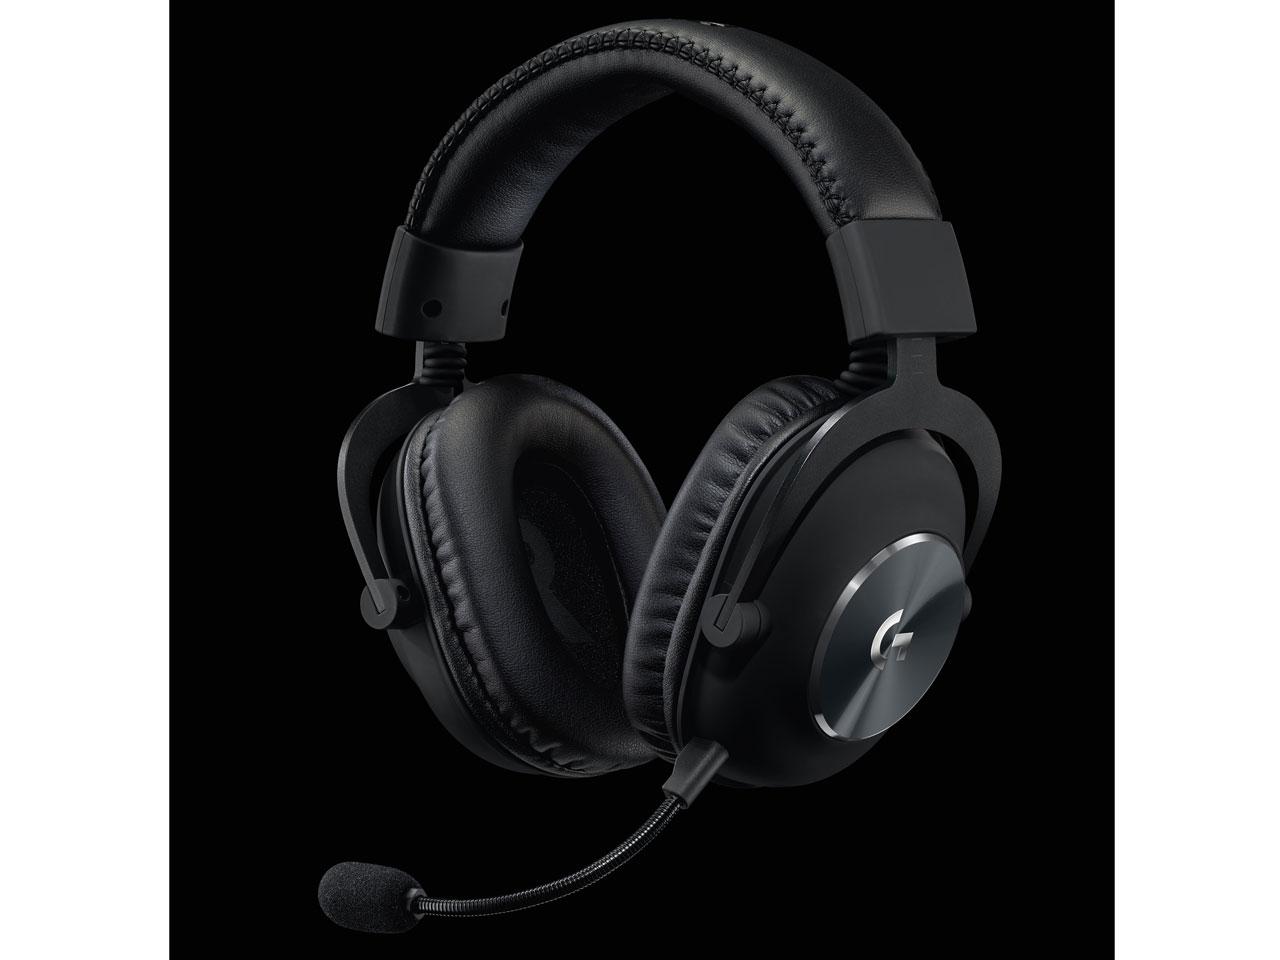 【ポイント5倍】ヘッドセット(ヘッドホン) ロジクール PRO X Wireless LIGHTSPEED Gaming Headset G-PHS-004WL( 人気 売れ筋 価格)